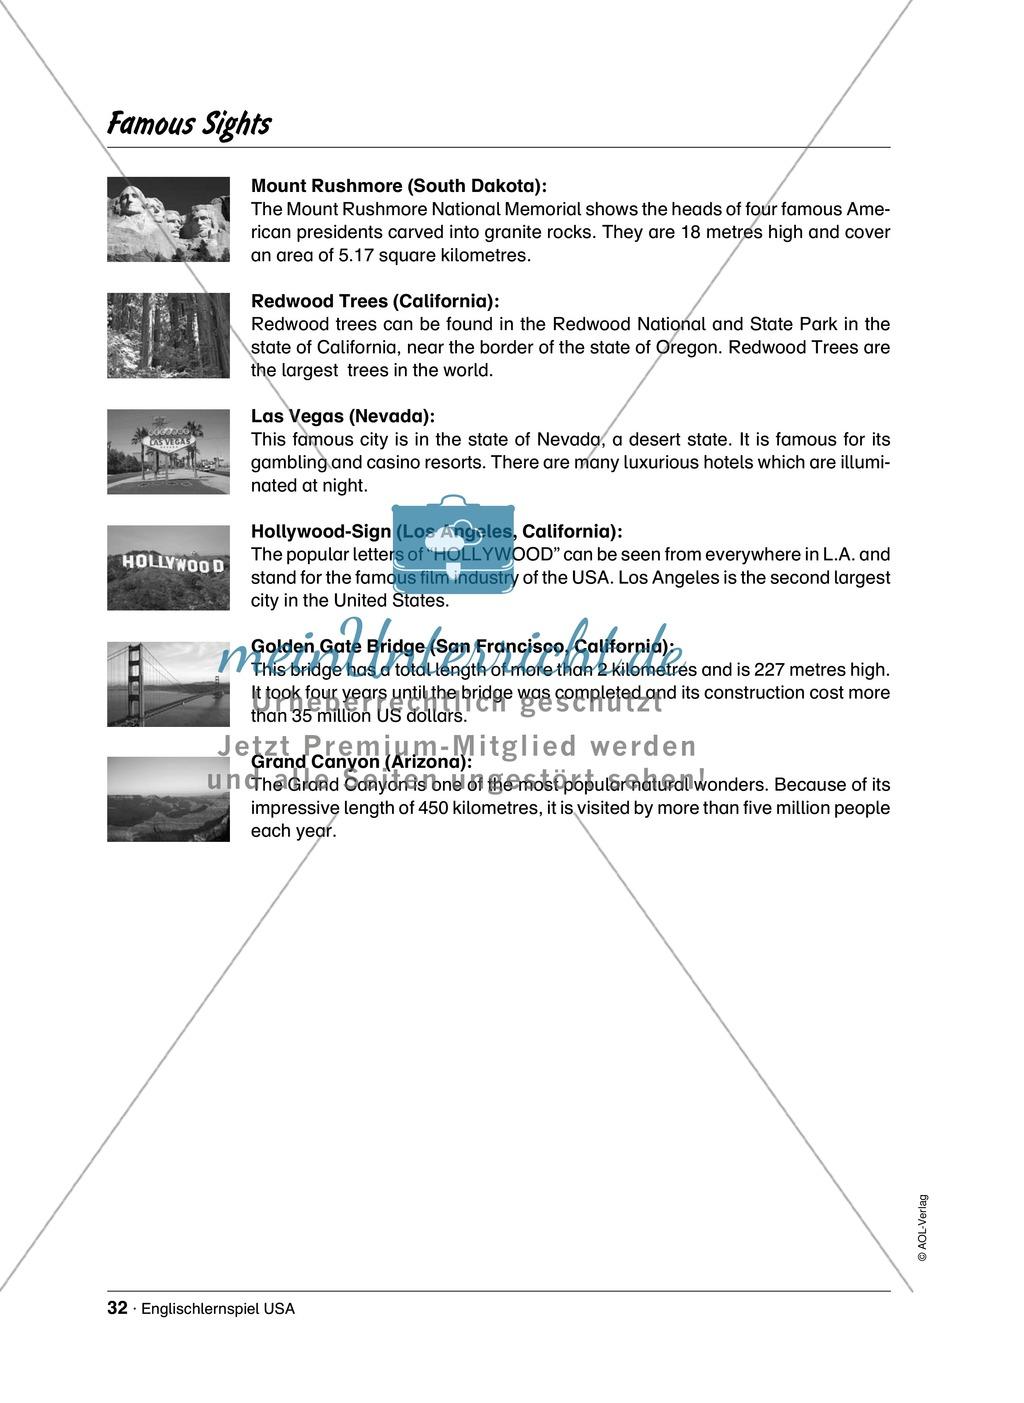 Englischlernspiel USA: Spielkarten + Informationen zu Sehenswürdigkeiten Preview 24